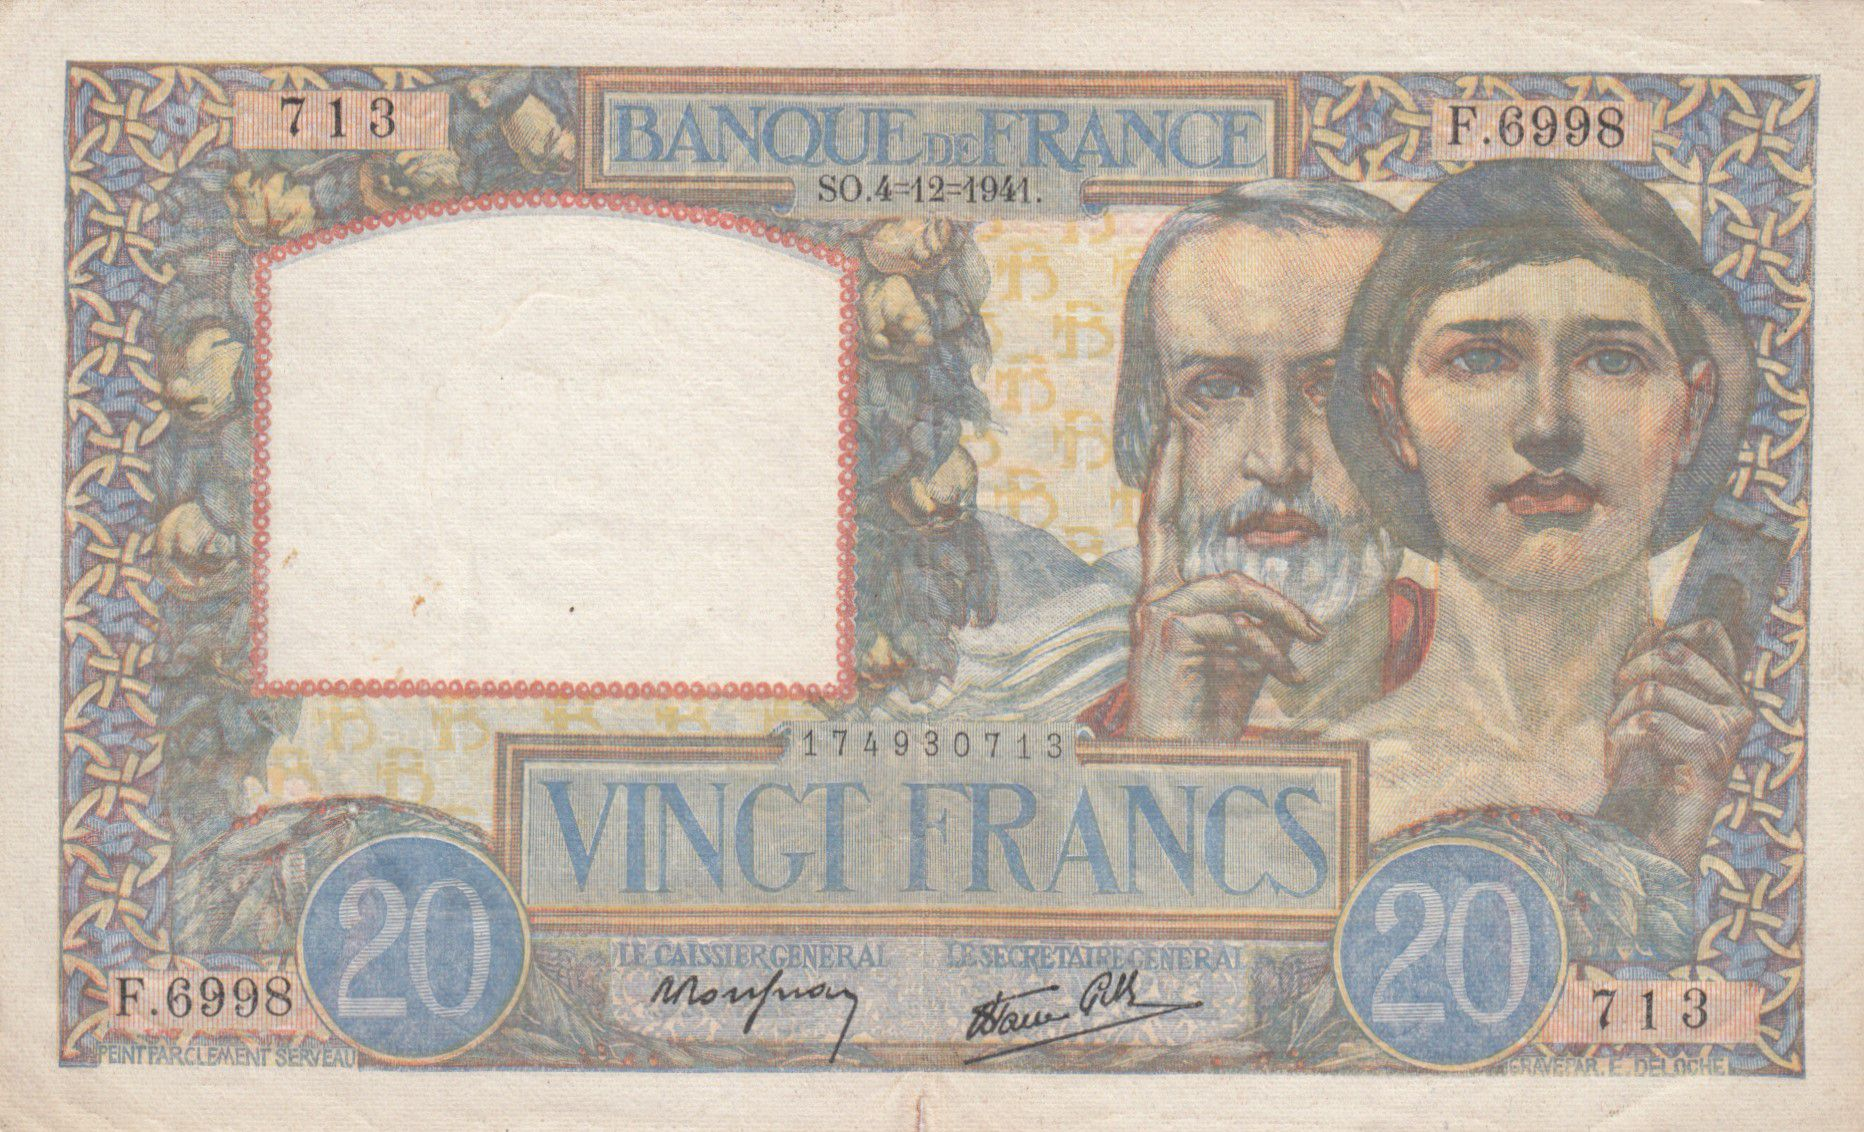 France 20 Francs Science et Travail - 04-12-1941 Série F.6998 - TTB